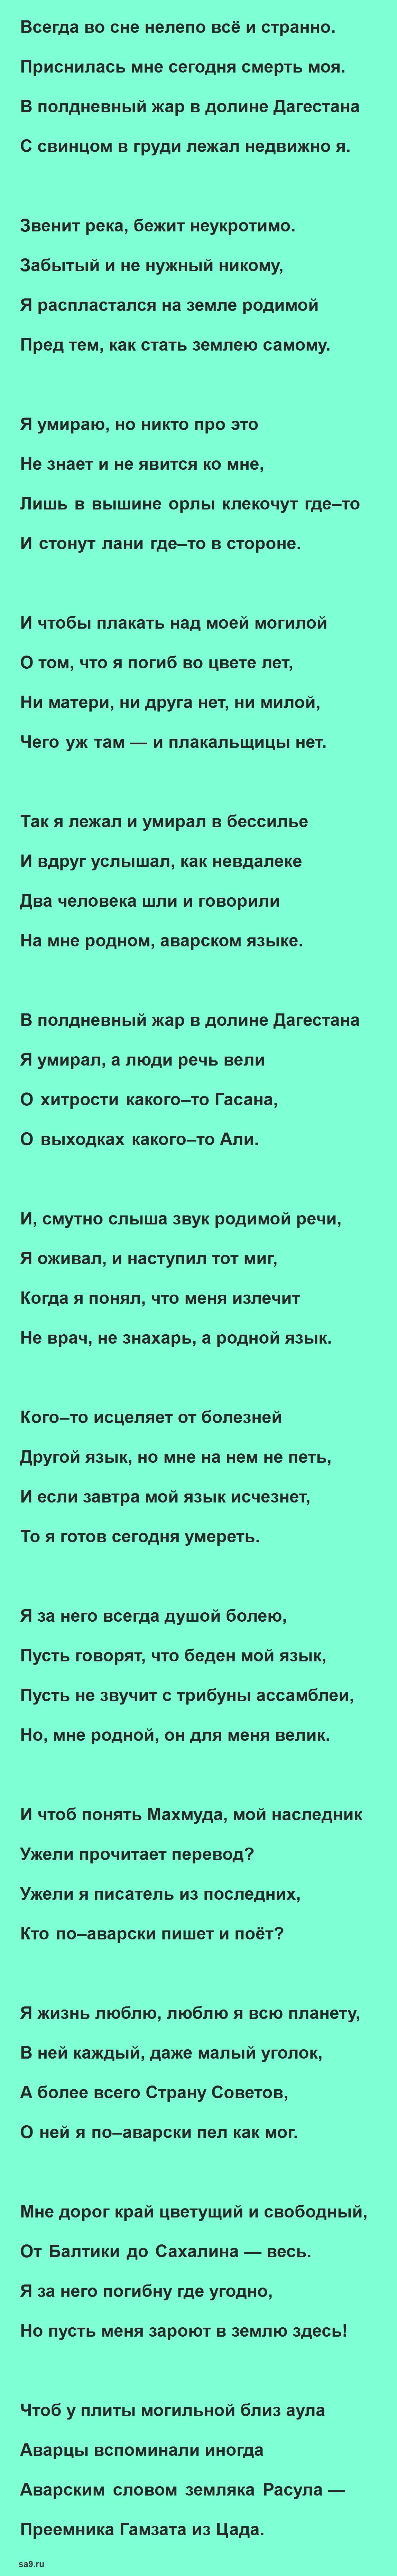 Стихи Гамзатова на русском языке - Родной язык